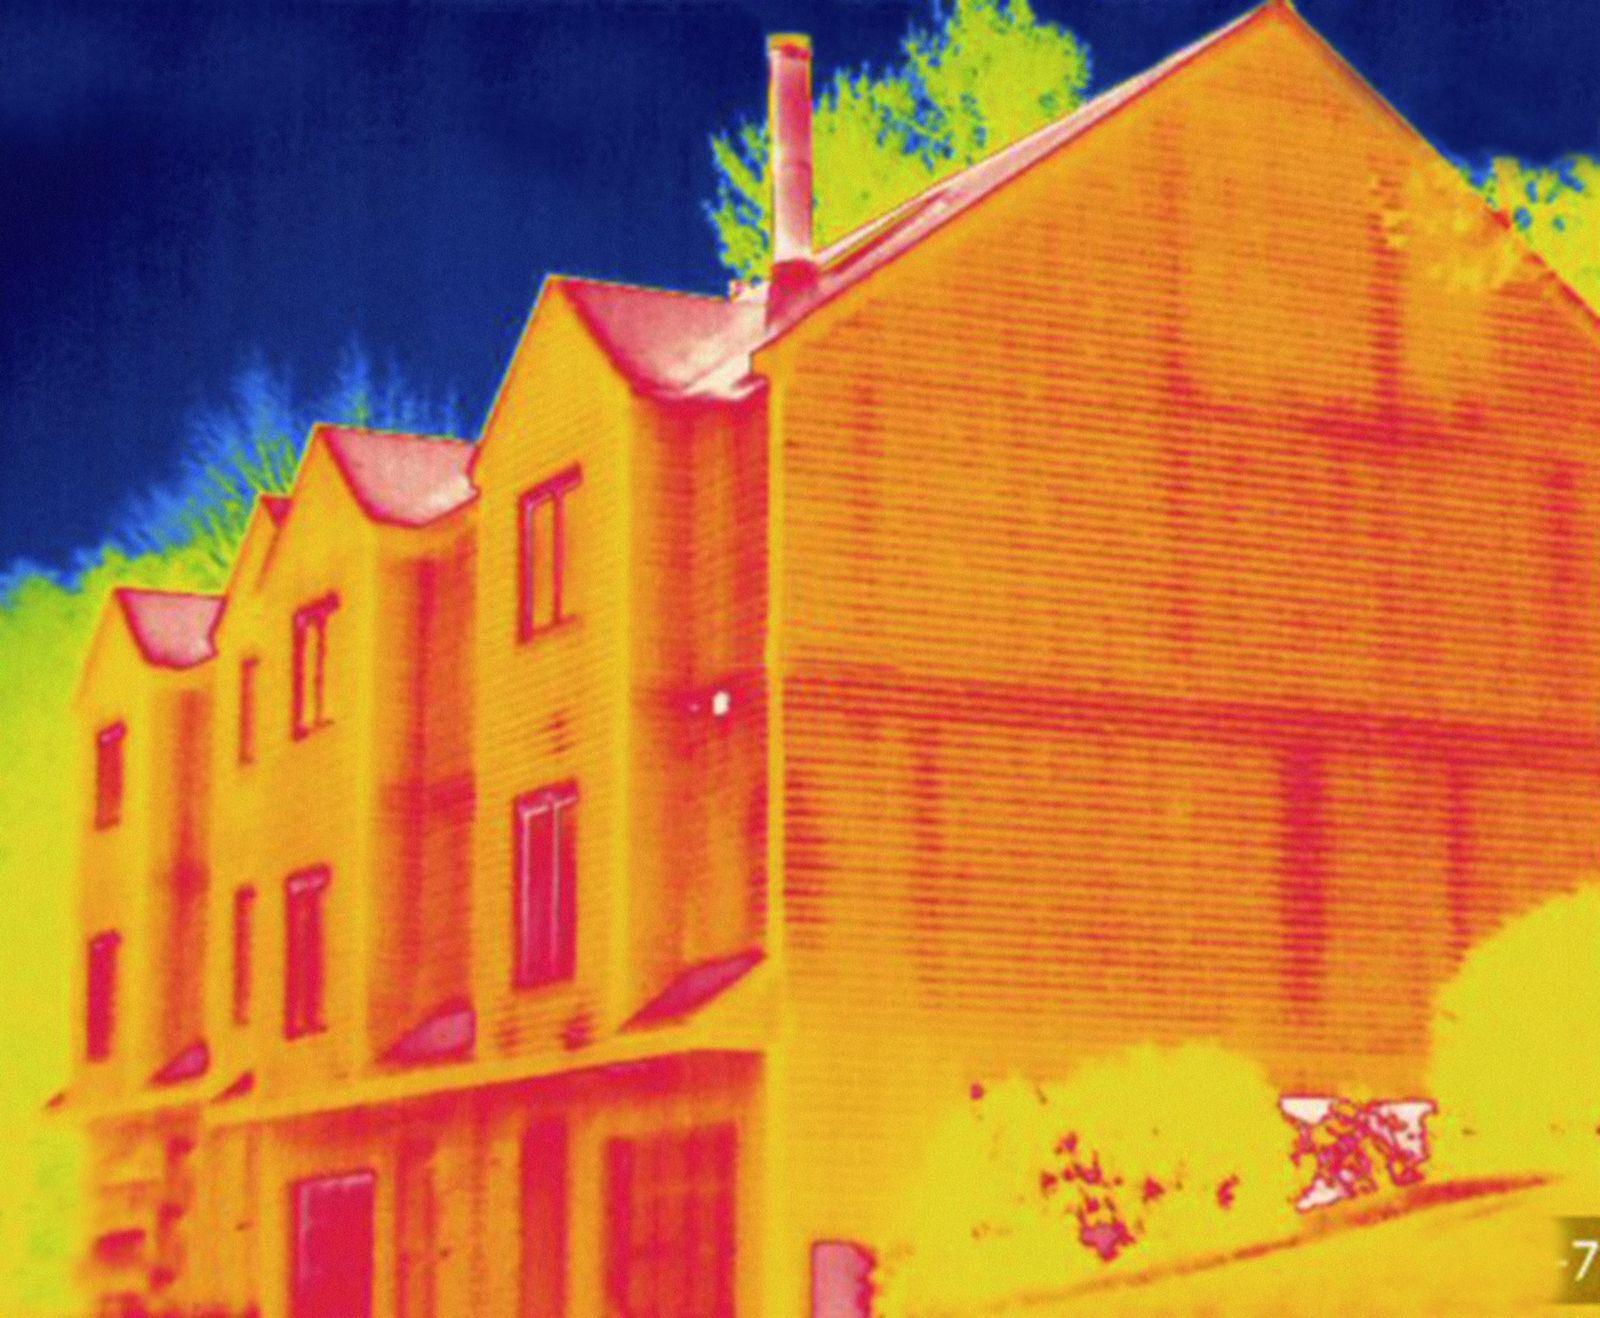 NICHT MEHR VERWENDEN! - Wärmebild / Häuser